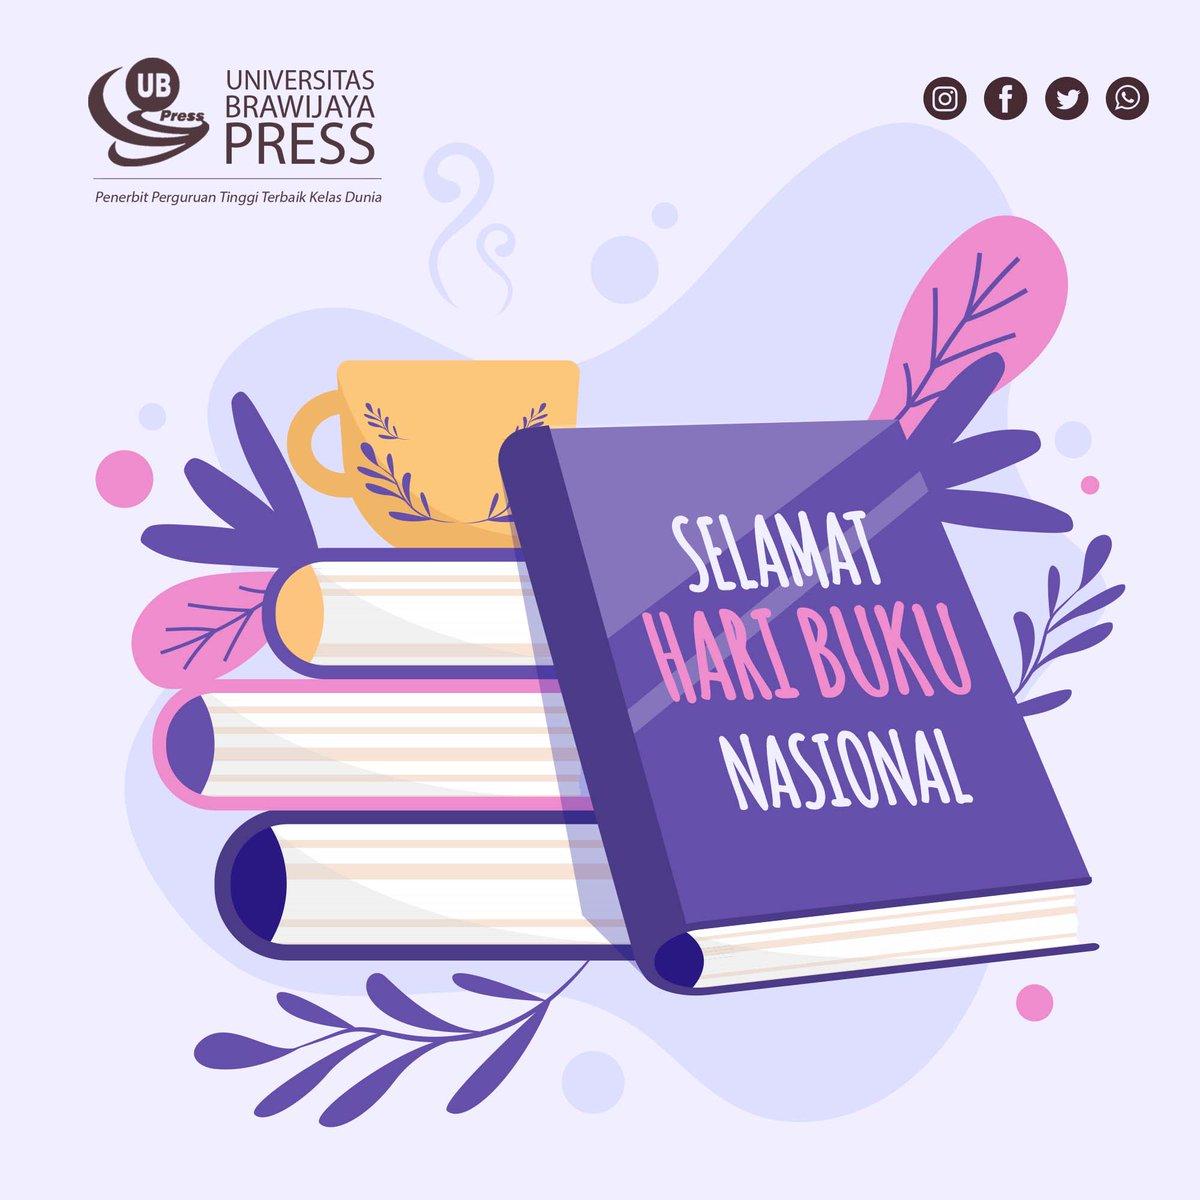 Replying to @UBPress: Banyak baca, banyak tau. Banyak baca, banyak ilmu.  Selamat Hari Buku Nasional teman-teman UB  :)